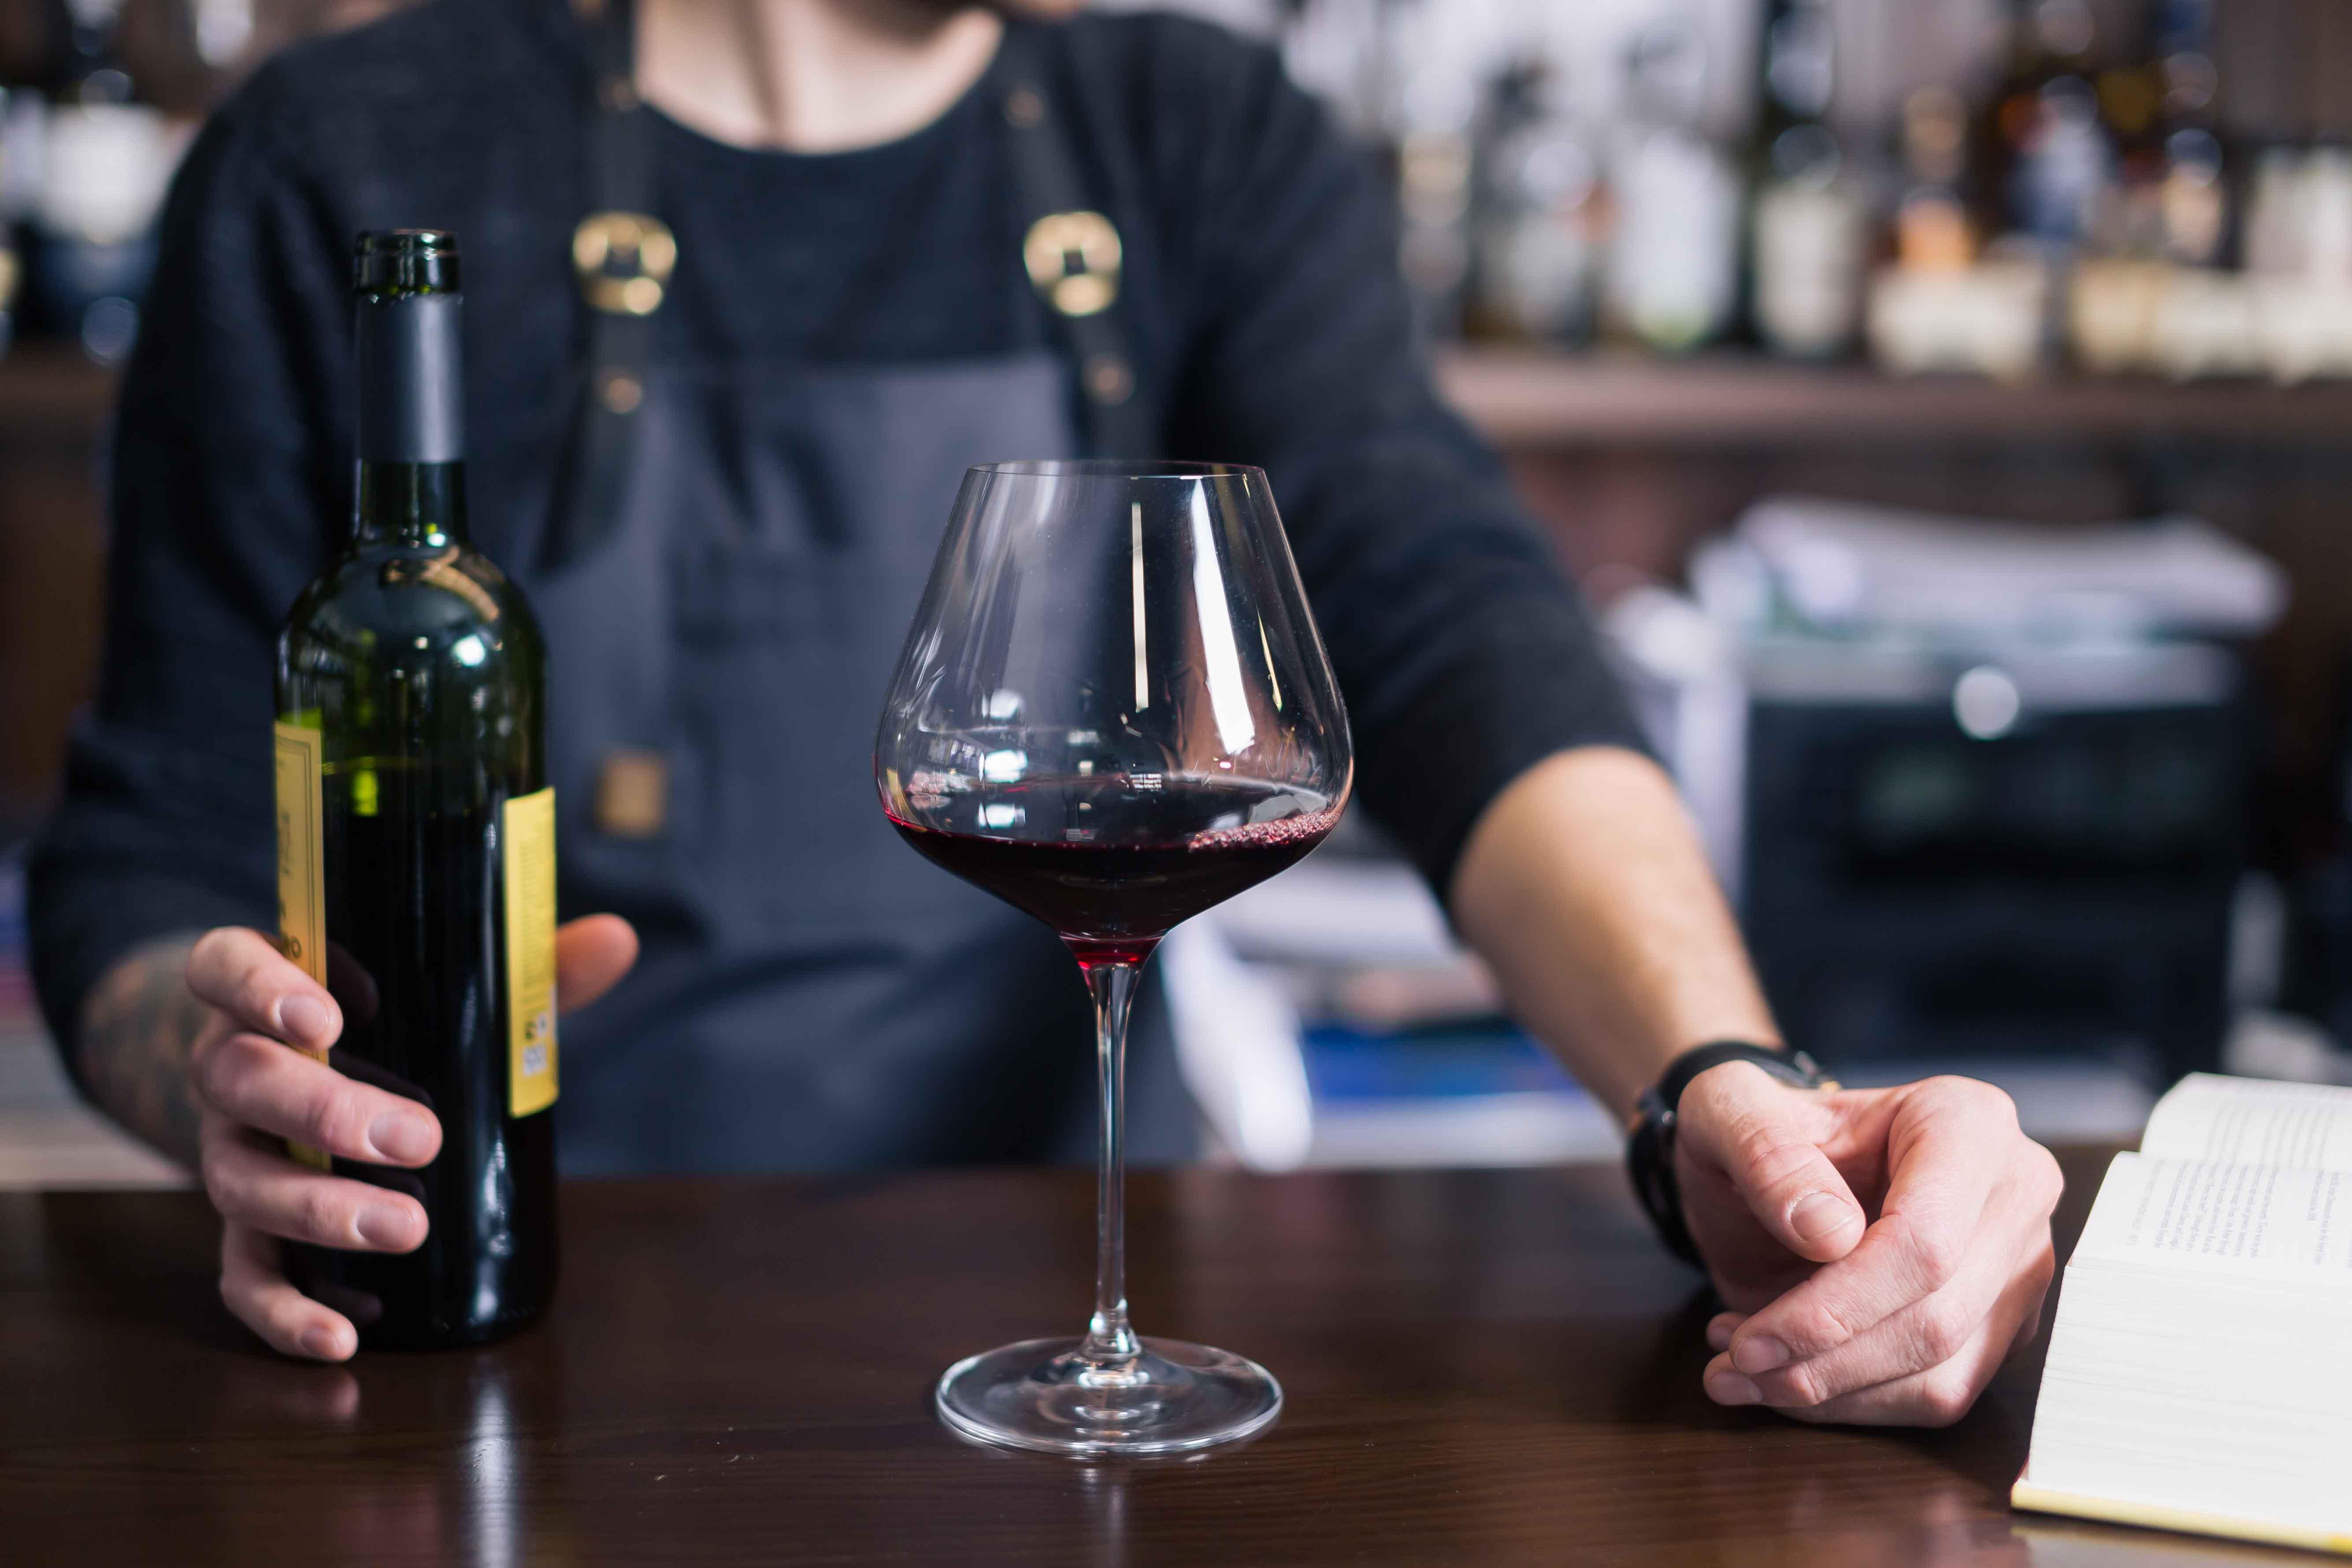 Barista sirviendo vino en copa